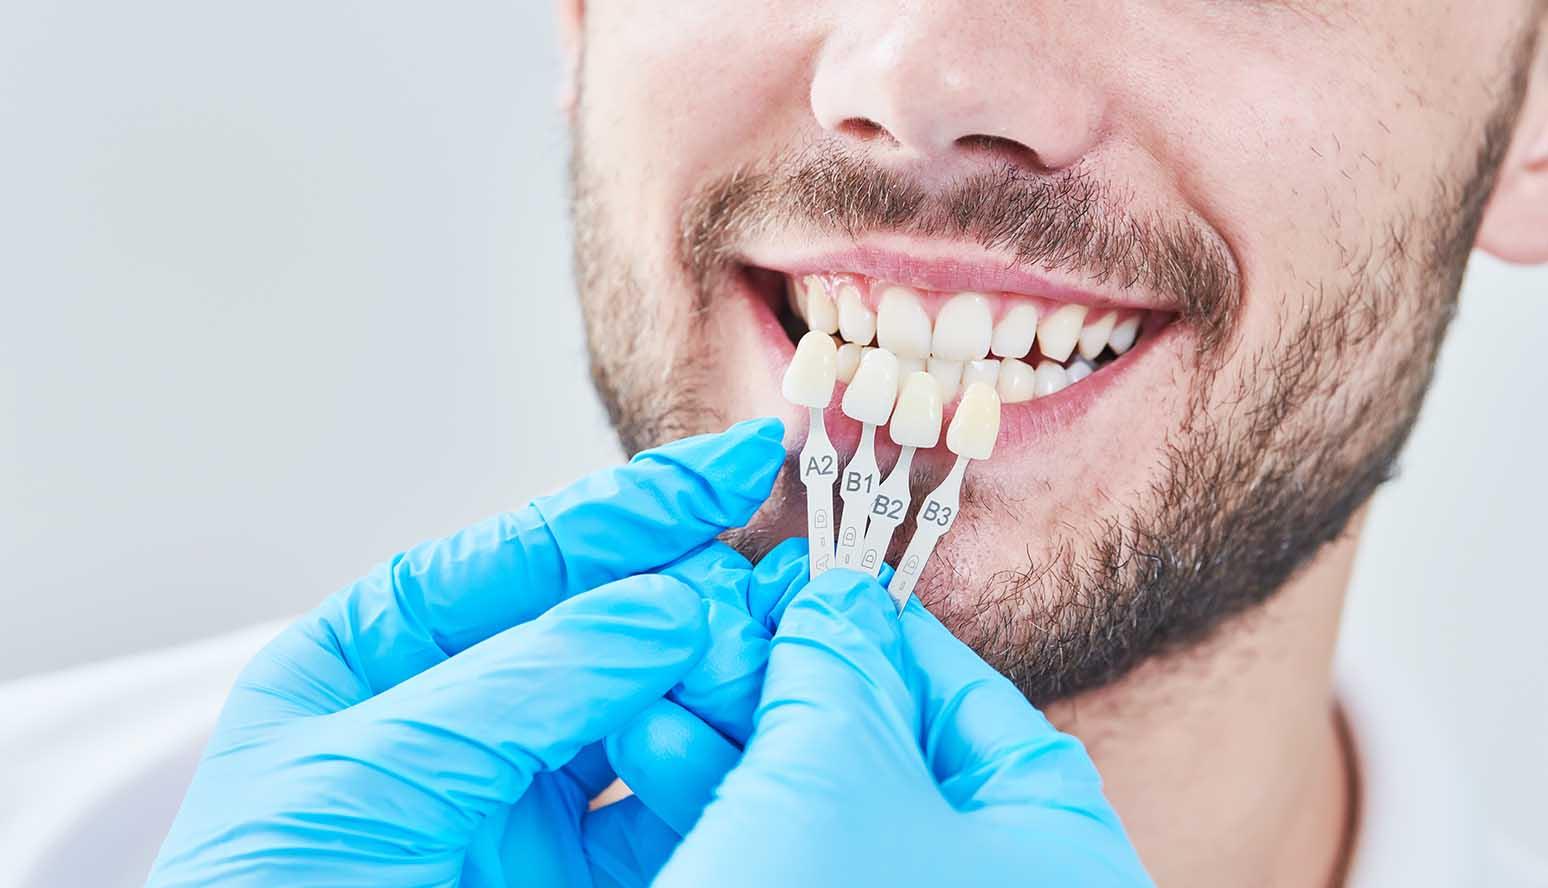 مراكز تجميل الاسنان في تركيا